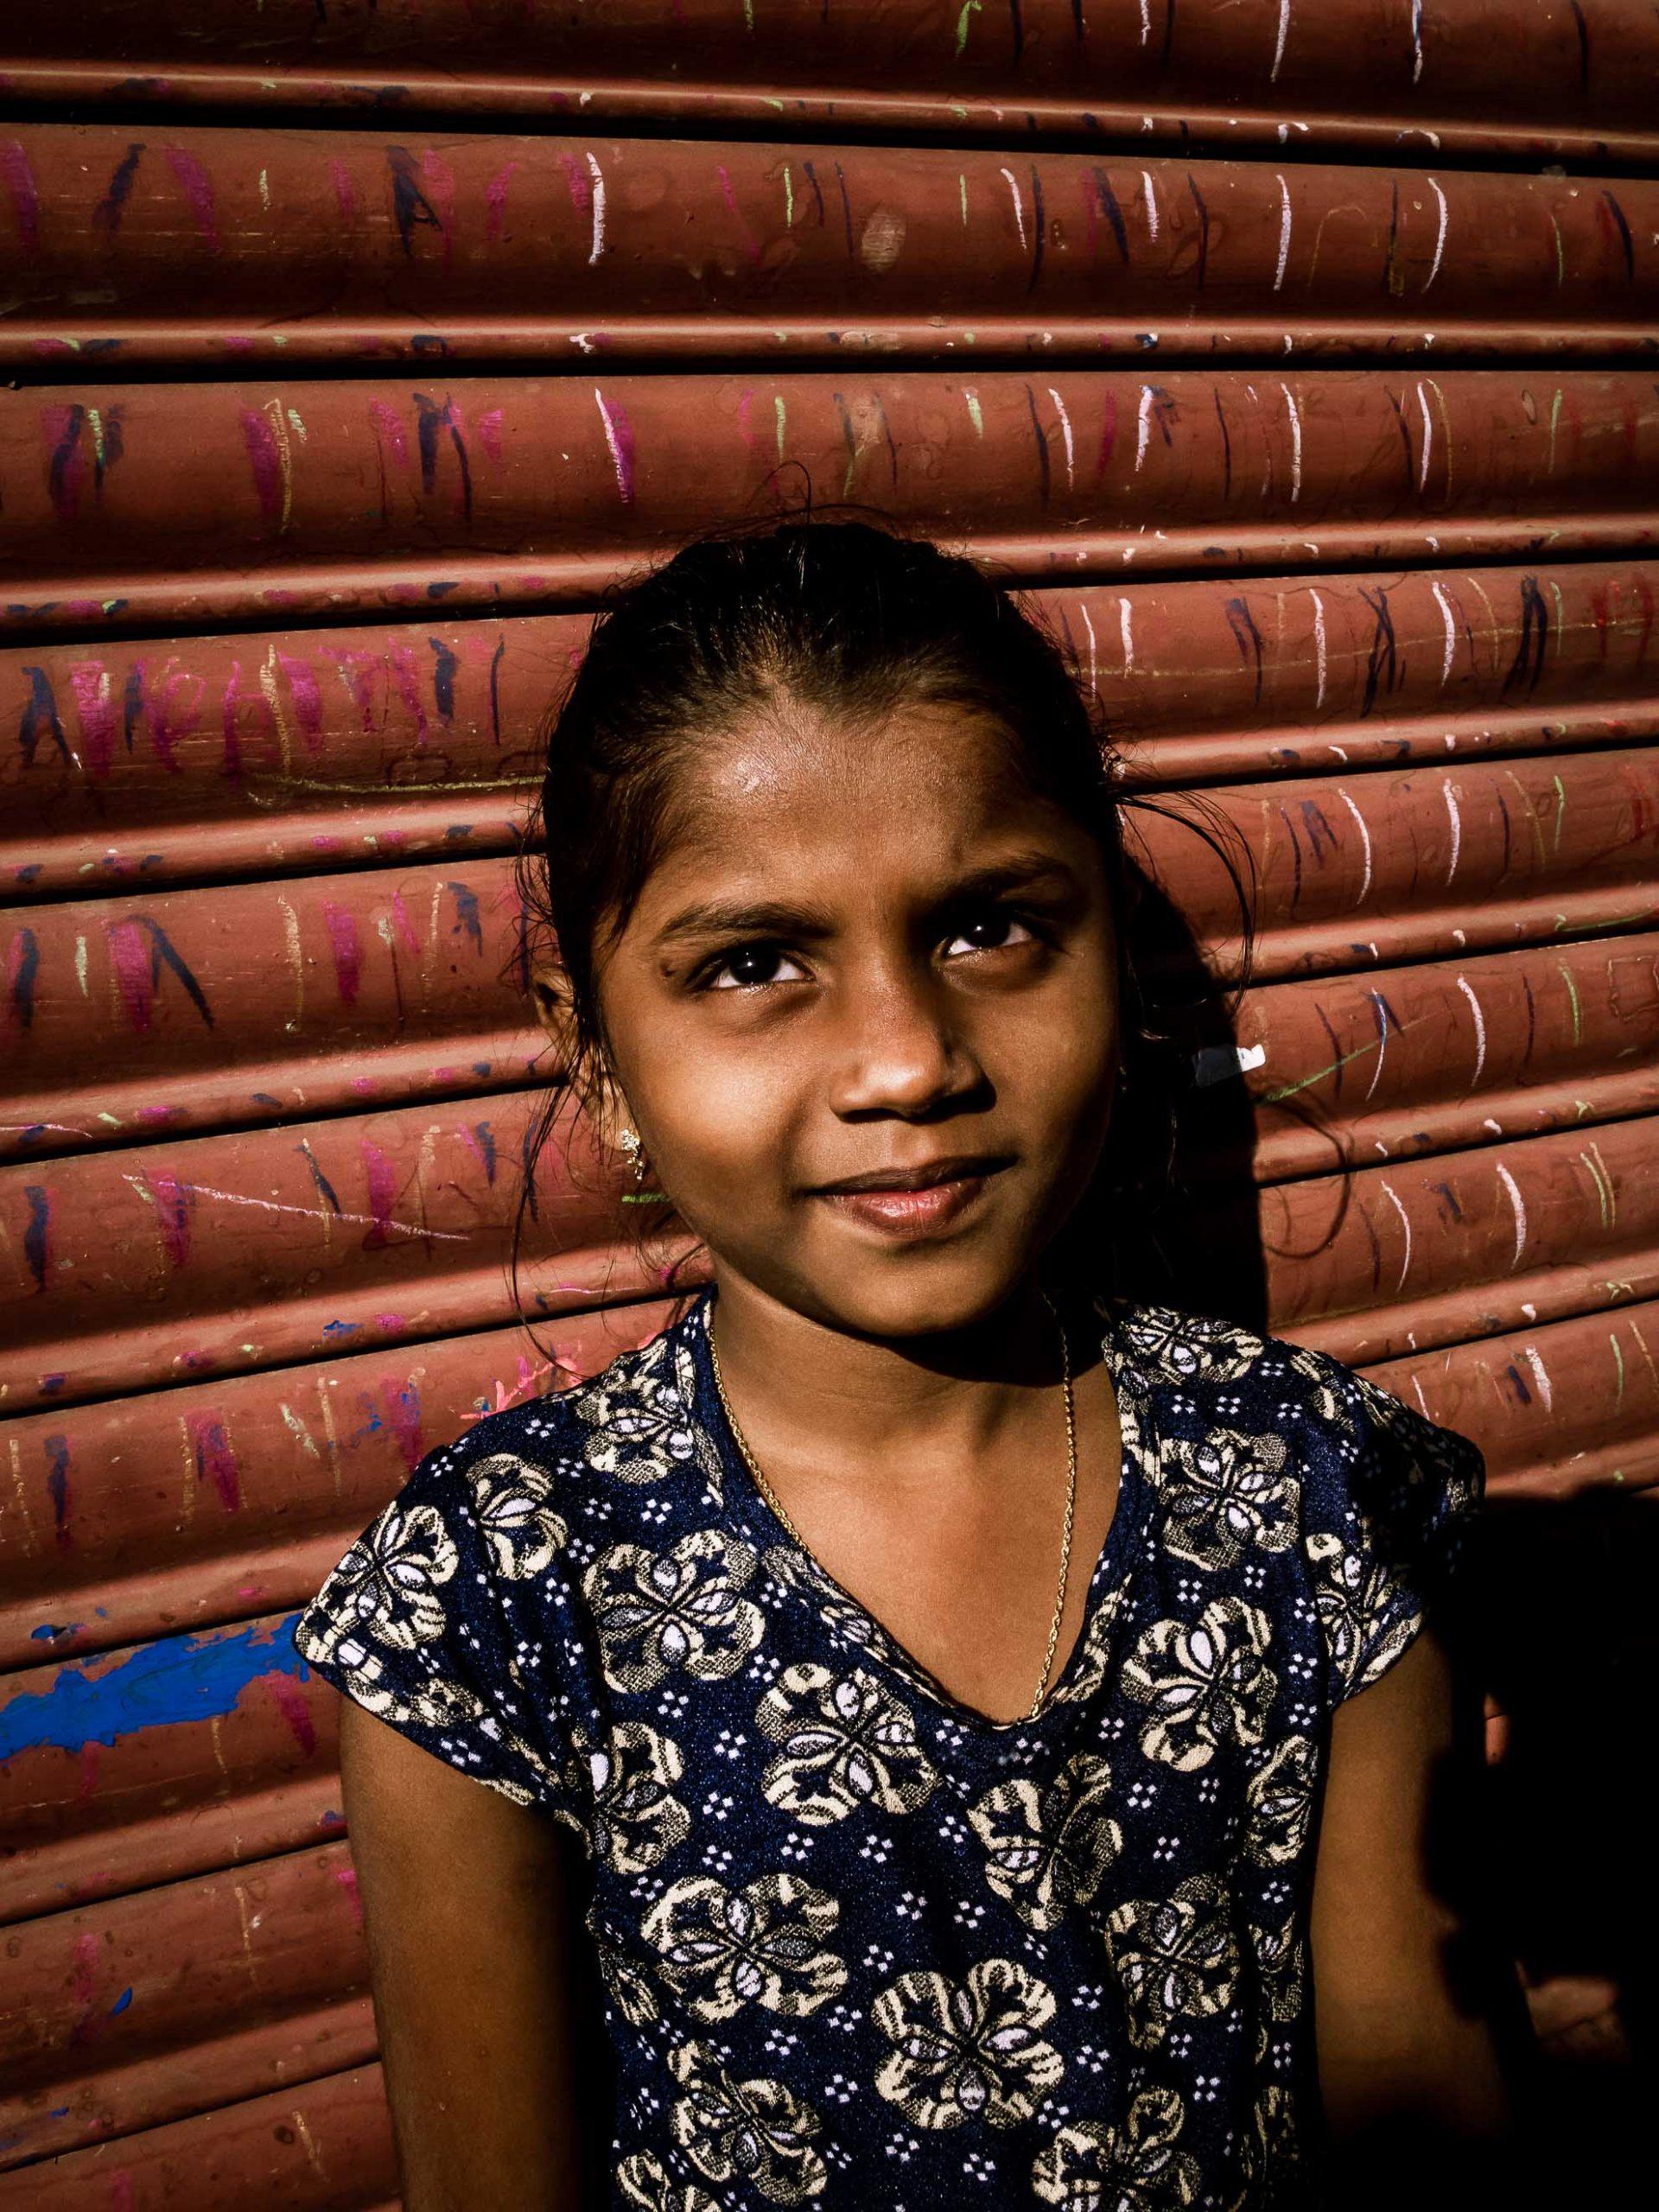 Junges Mädchen im Slum von Mumbai, Indien